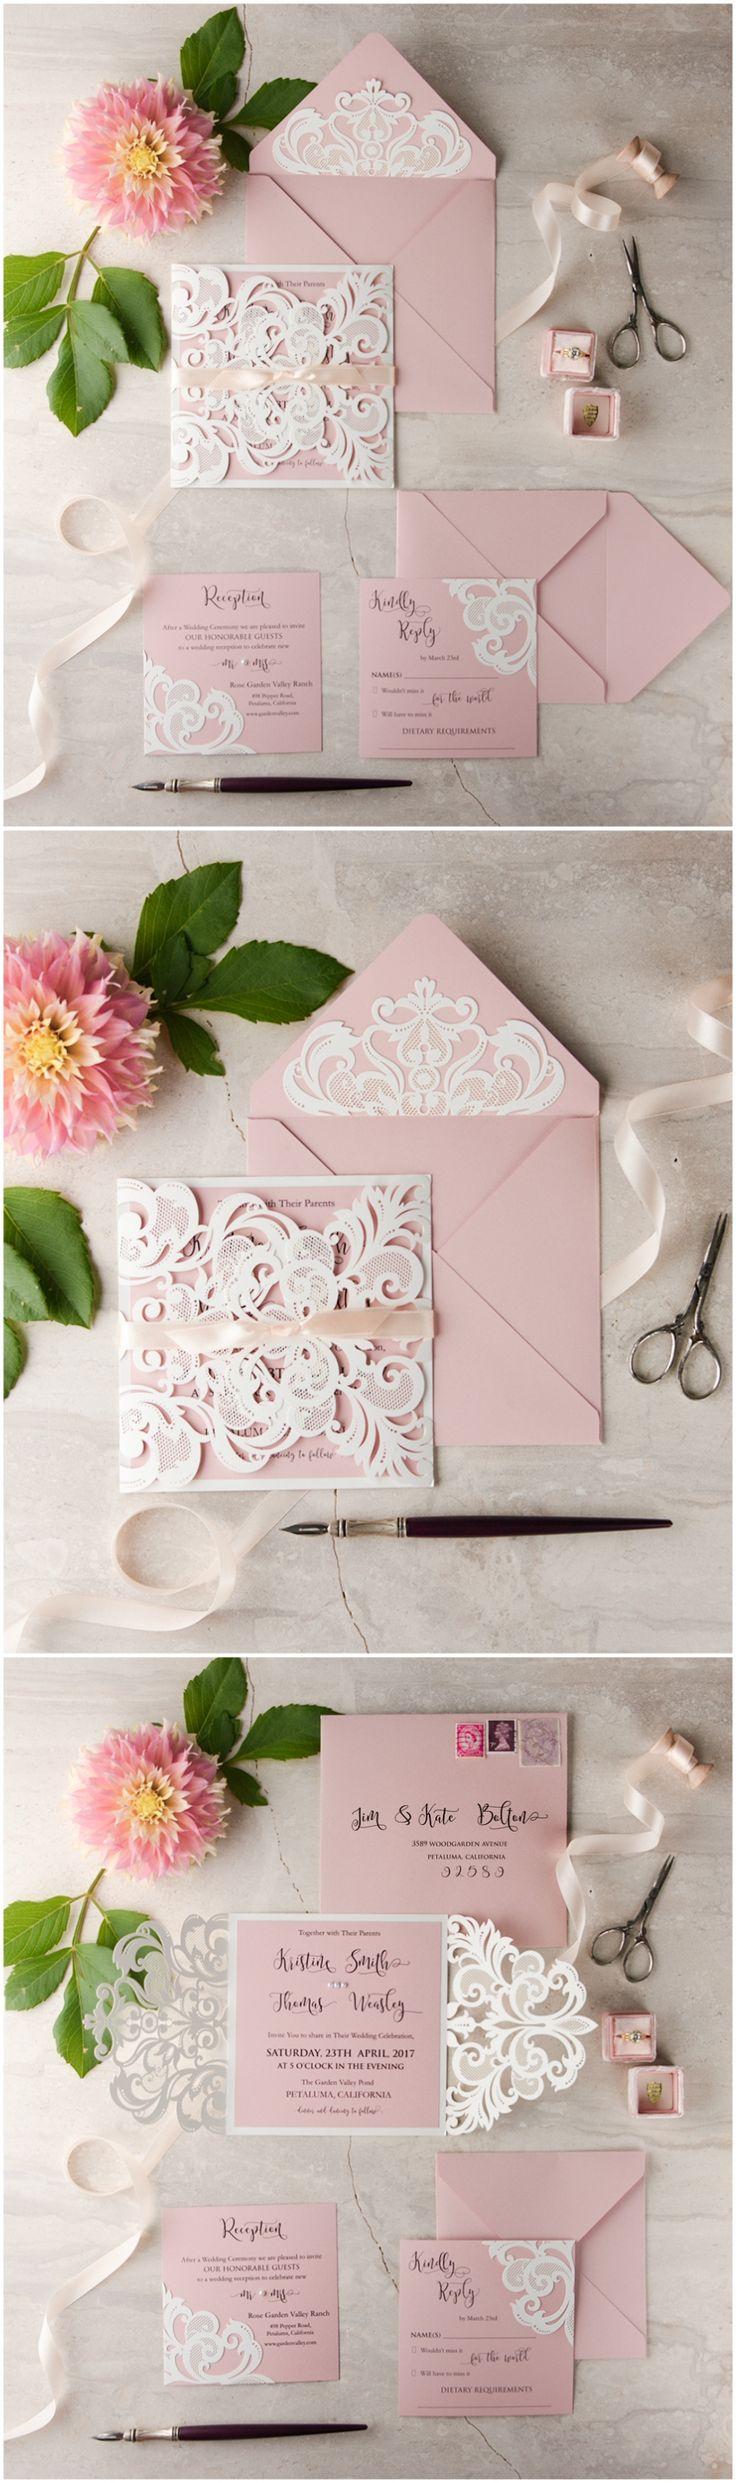 Laser cut romantic wedding invitations #lasercut #romantic #pink #white #weddinginvitations #weddingideas #4lovepolkadots